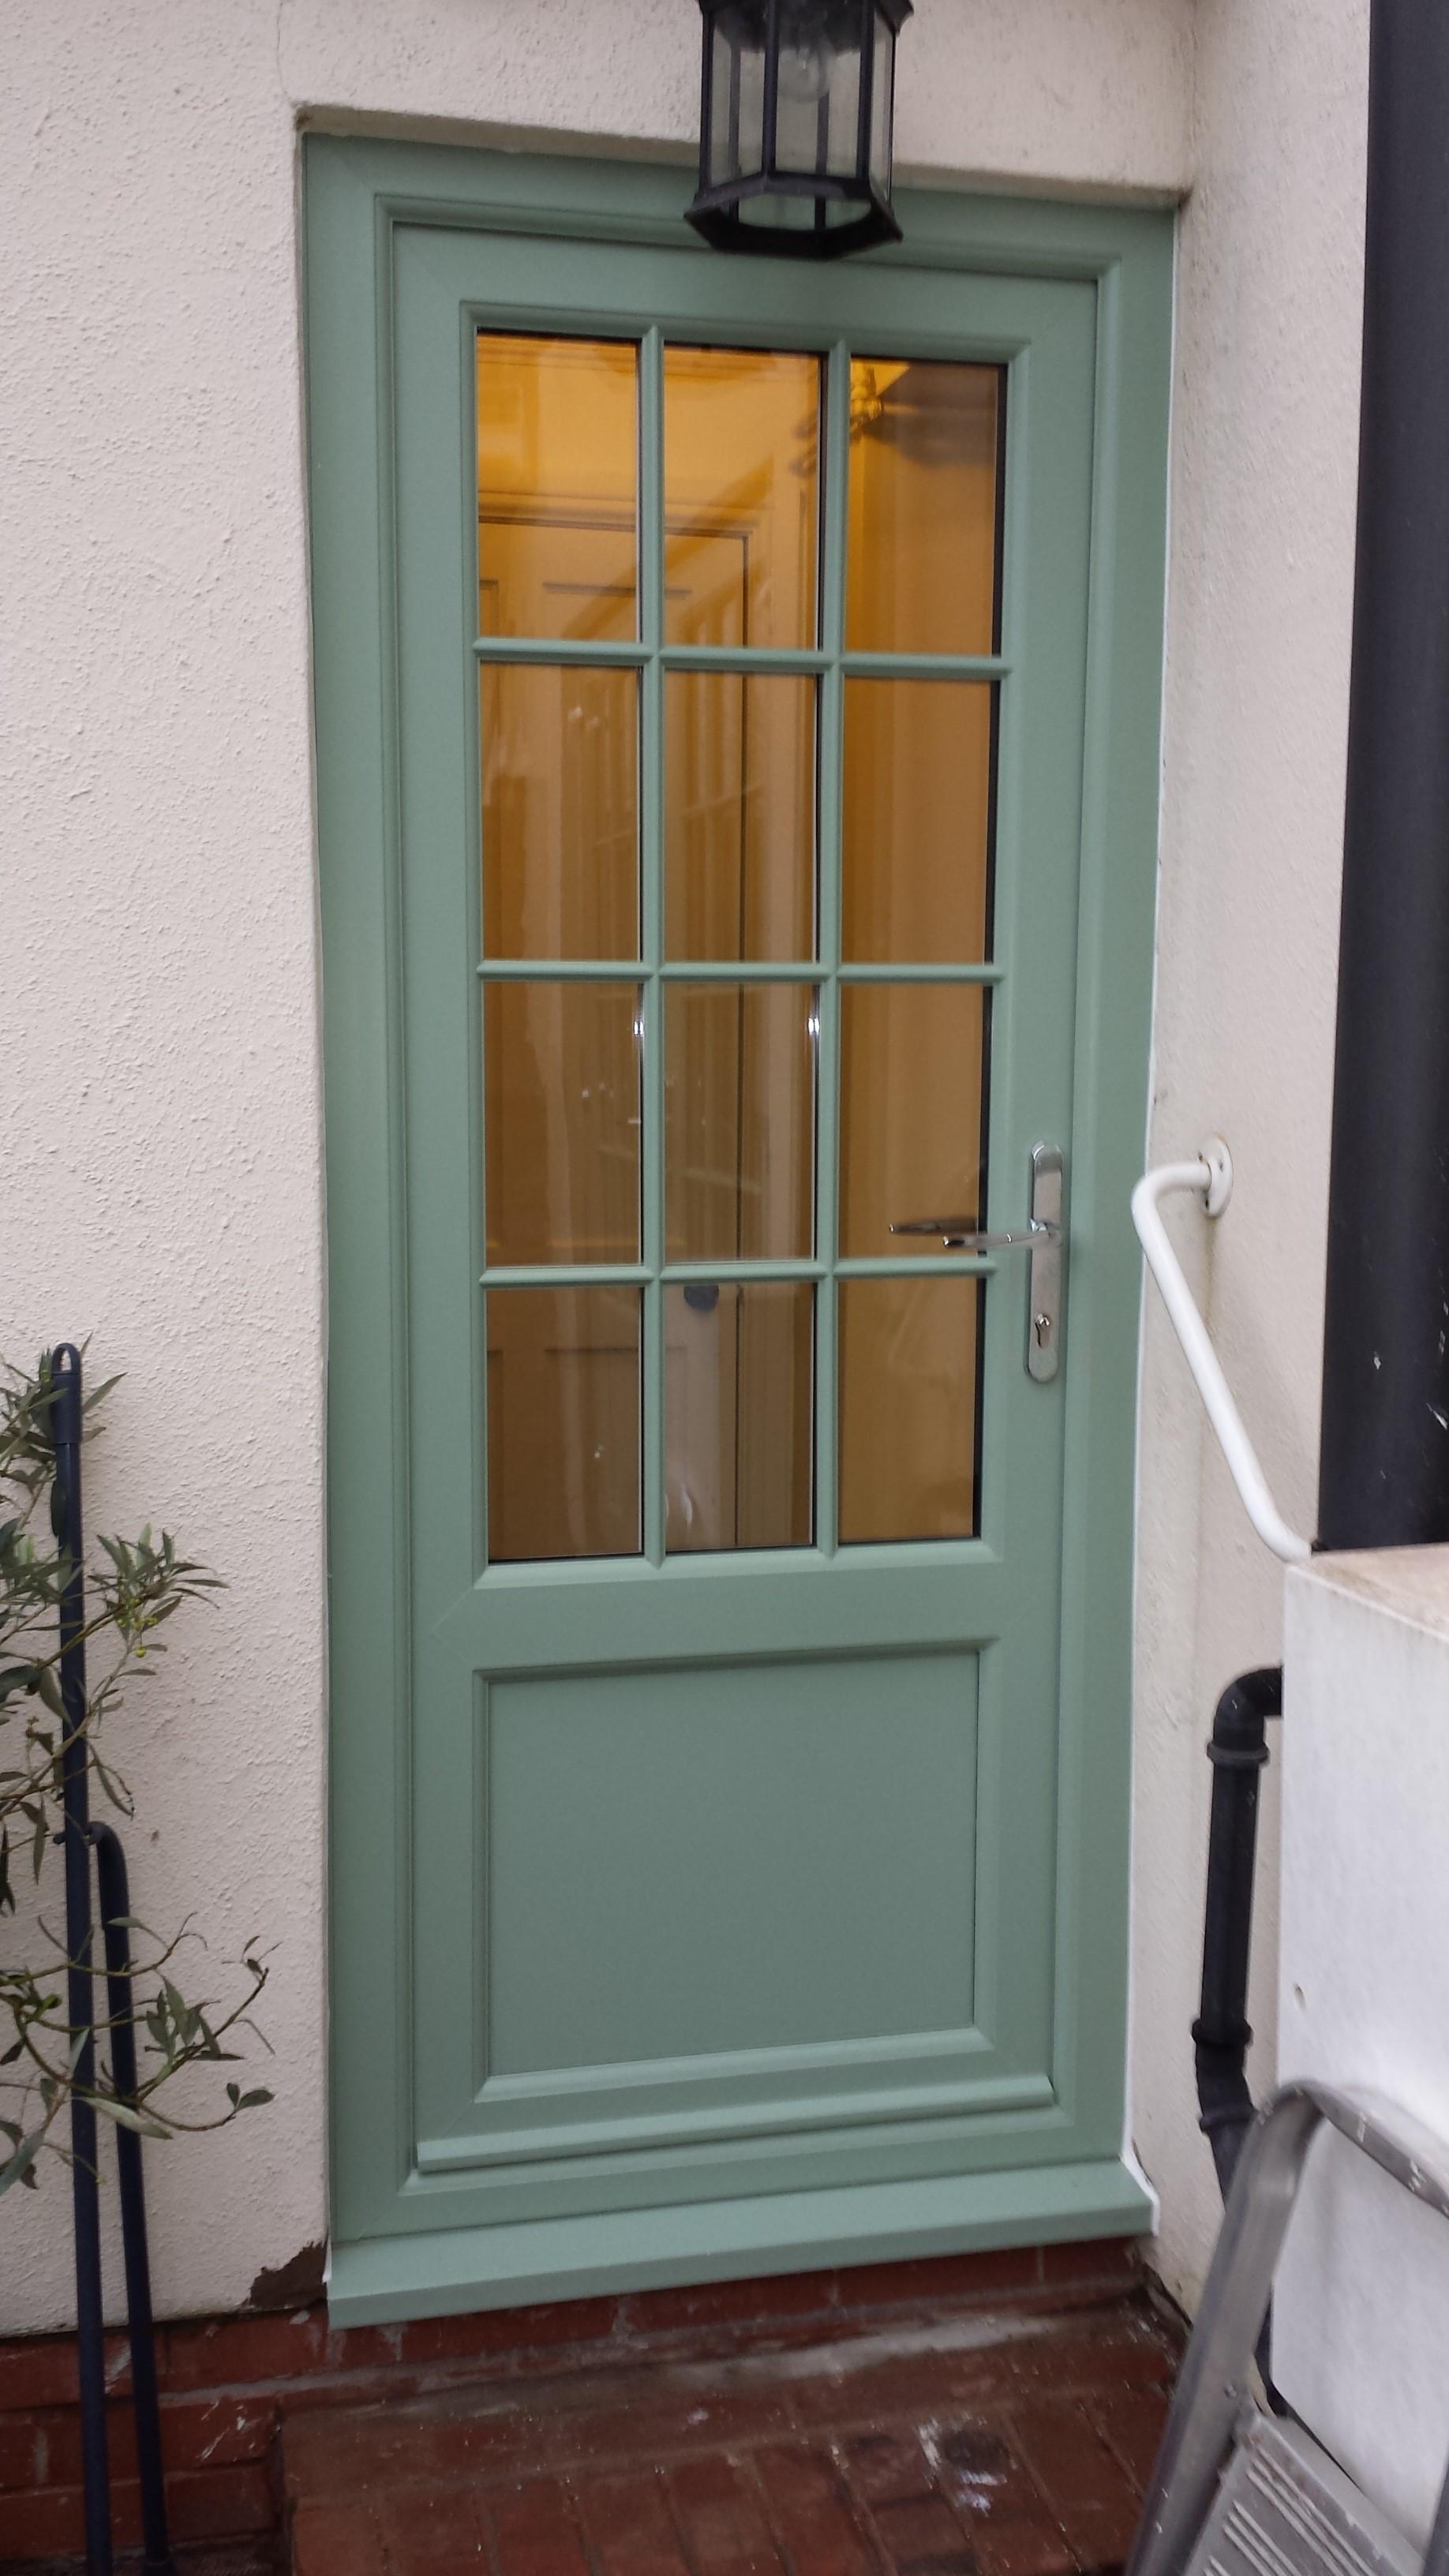 double door design simple  | 800 x 600